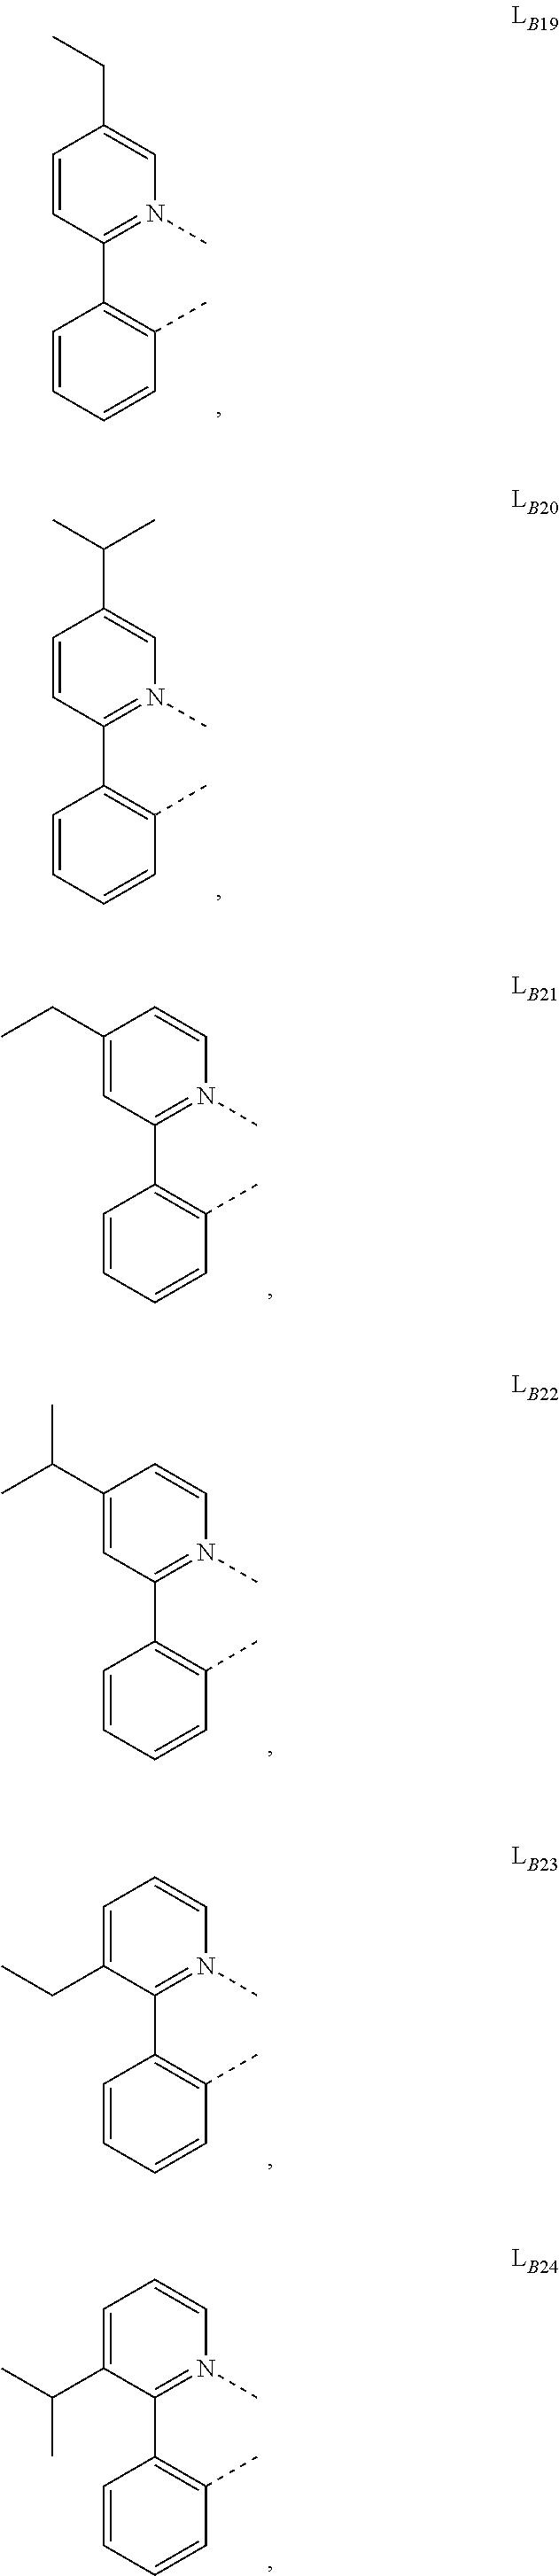 Figure US09691993-20170627-C00307